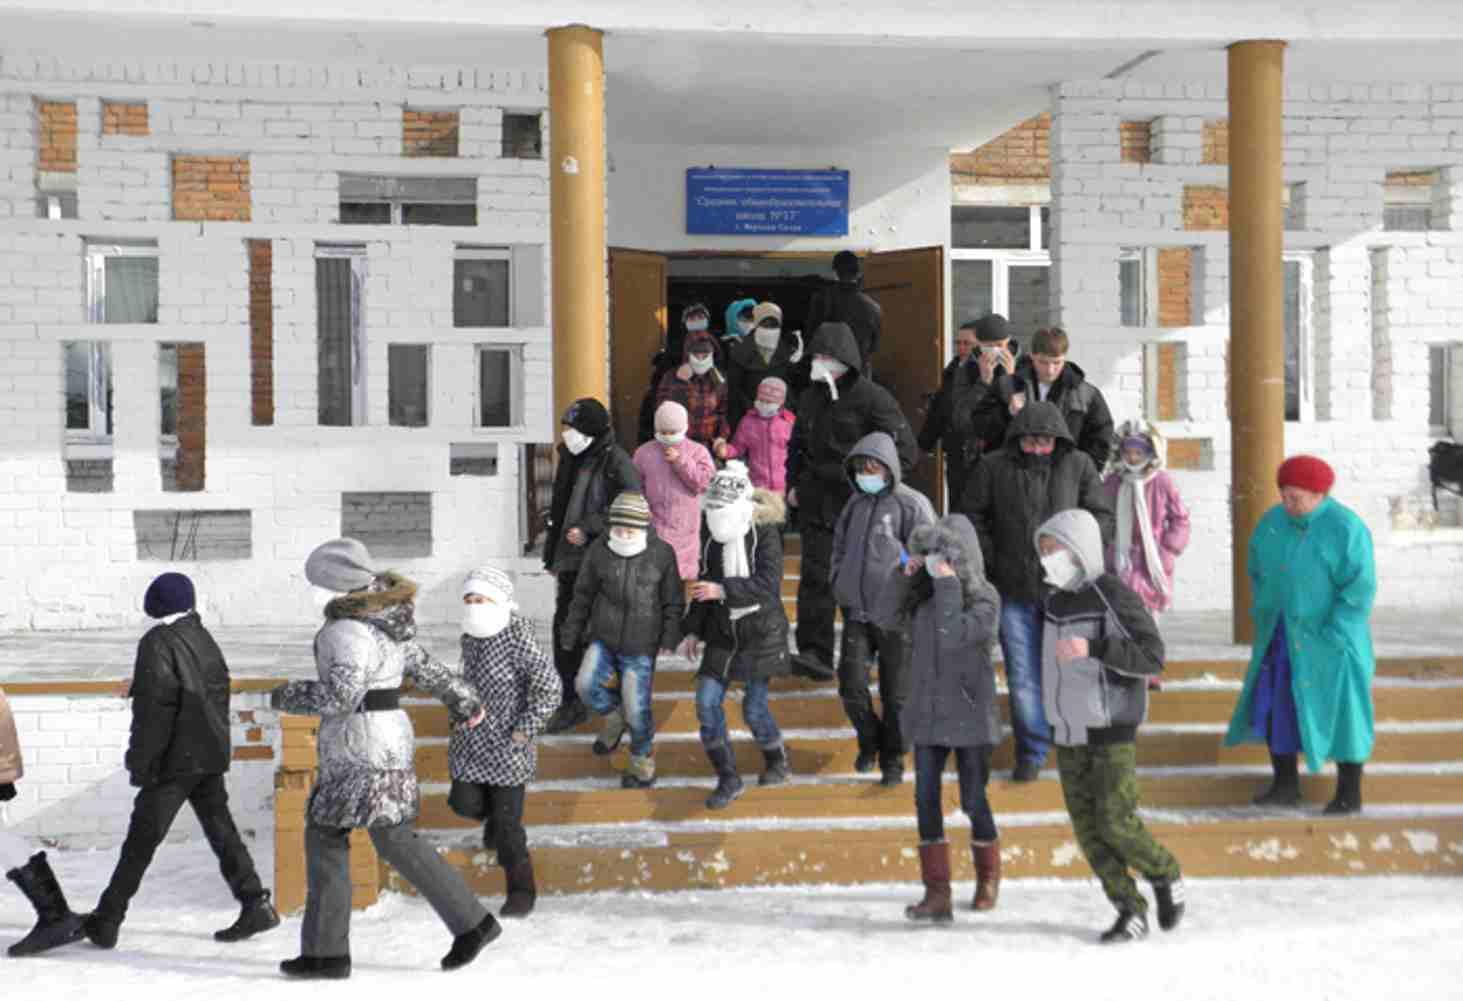 v-rossii-massovo-evakuirovali-shkoly-iz-za-zvonkov-o-bombah